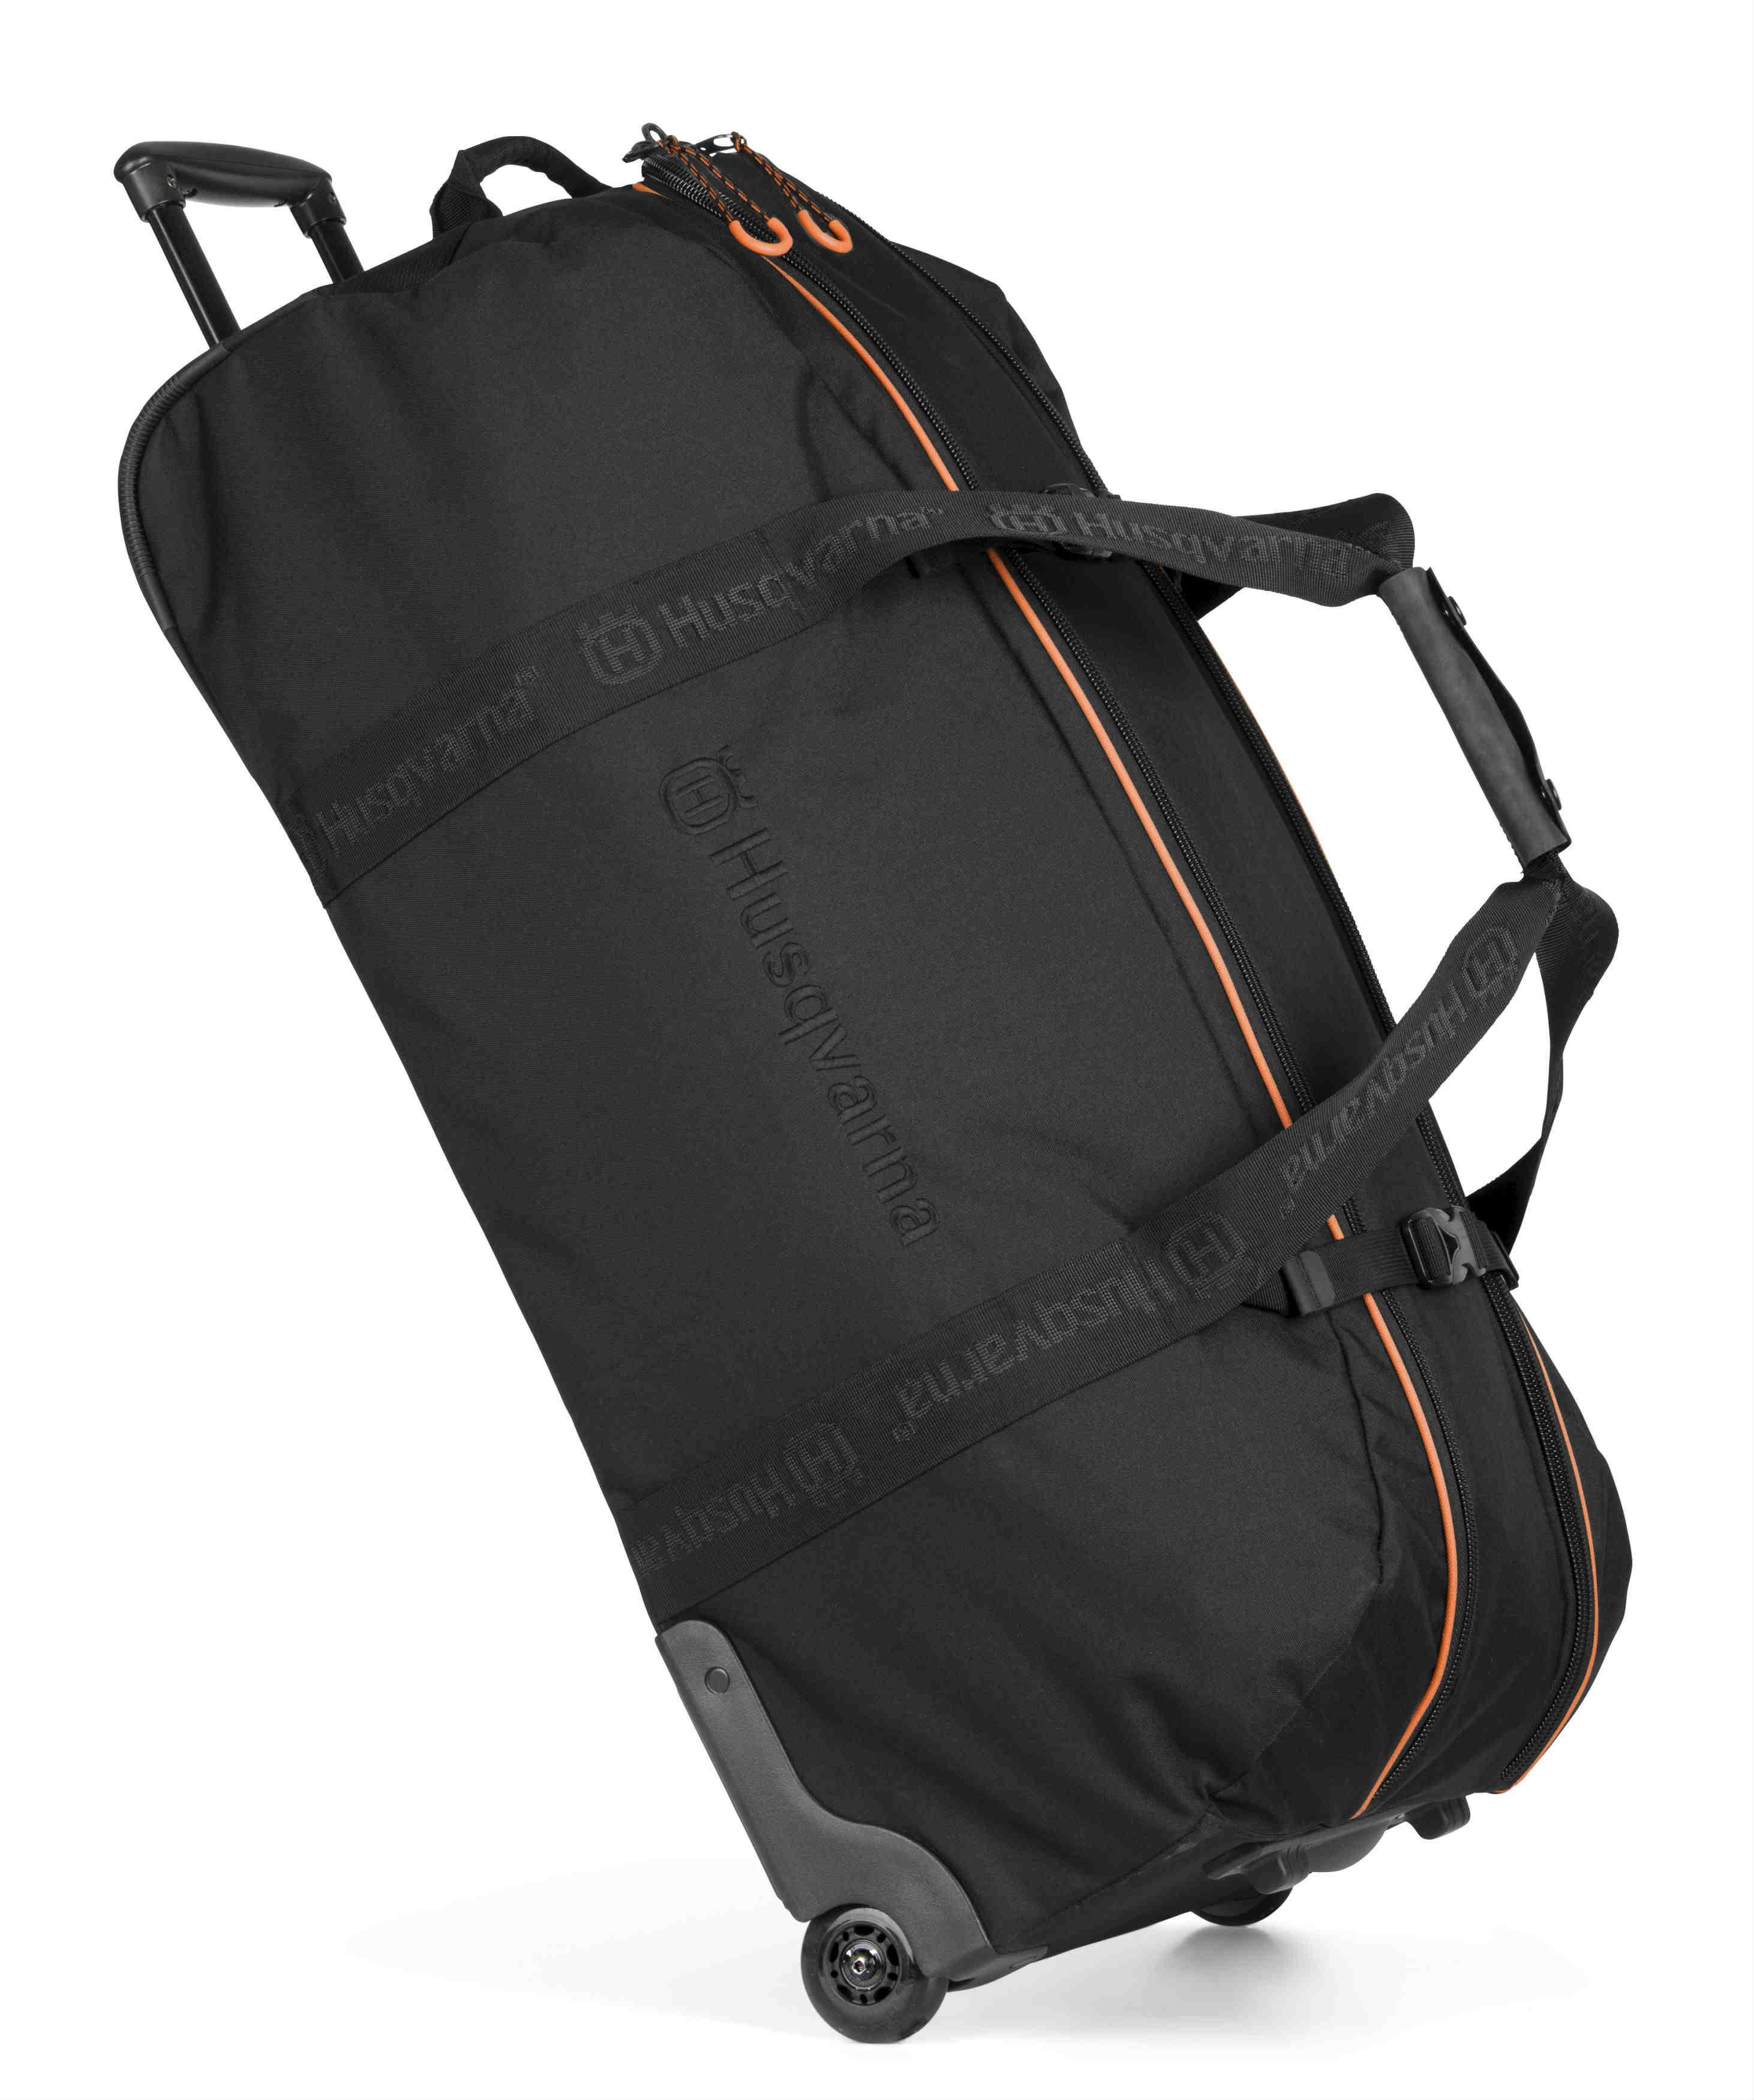 Cestovní taška na kolečkách Husqvarna Xplorer 90 l